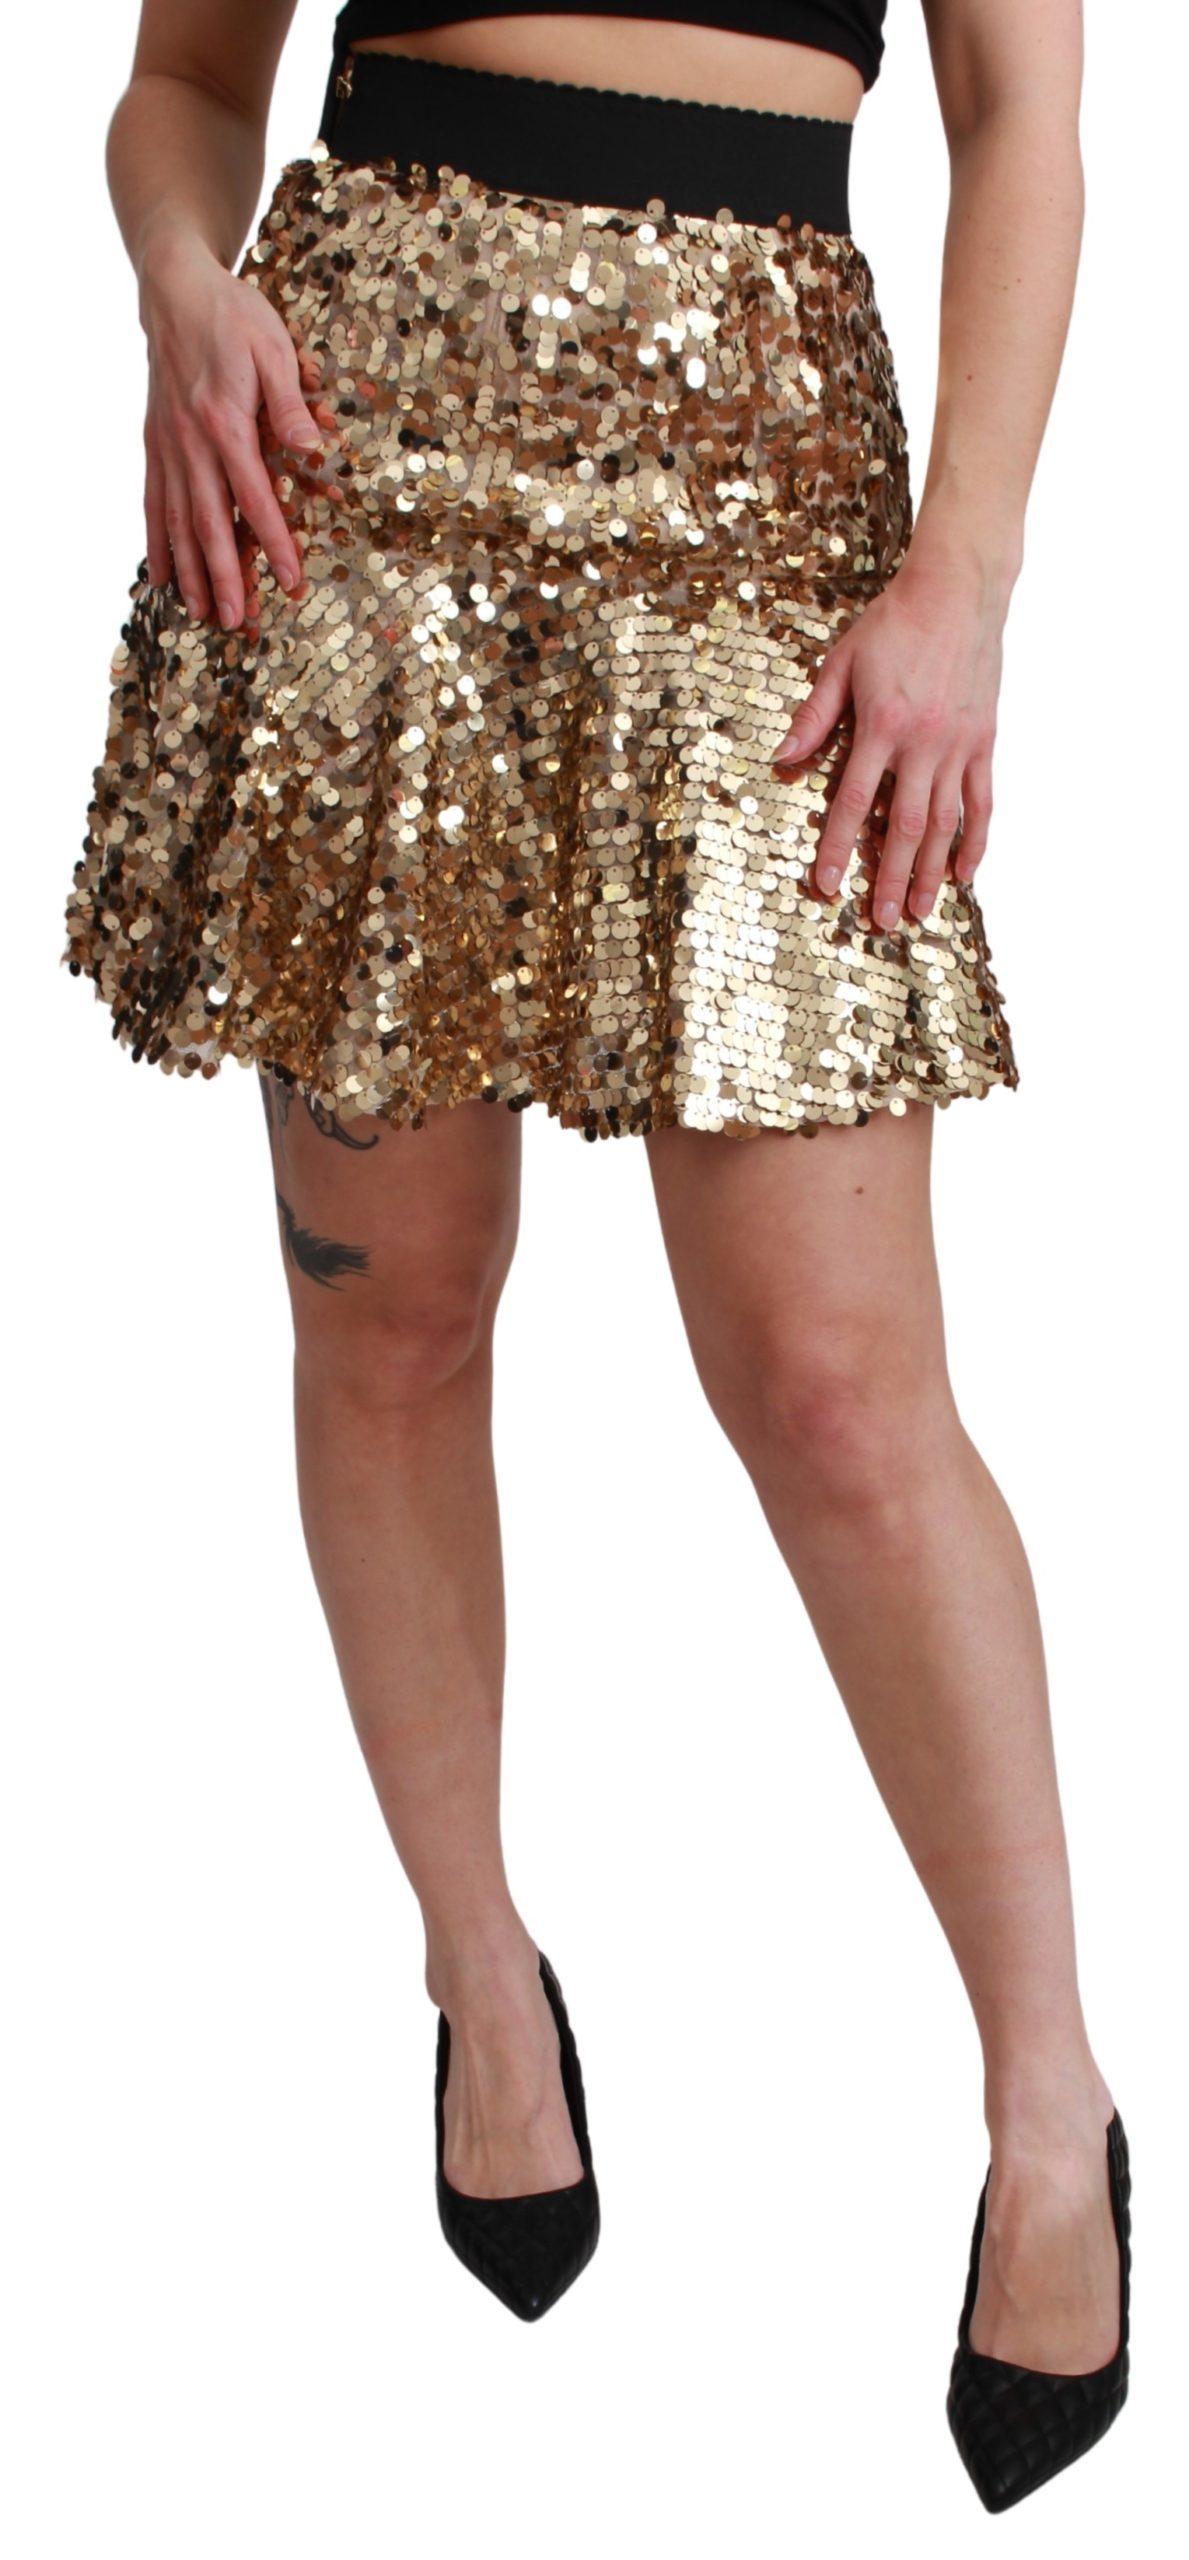 Dolce & Gabbana Women's Sequined High Waist A-line Mini Skirt SKI1451 - IT38|XS